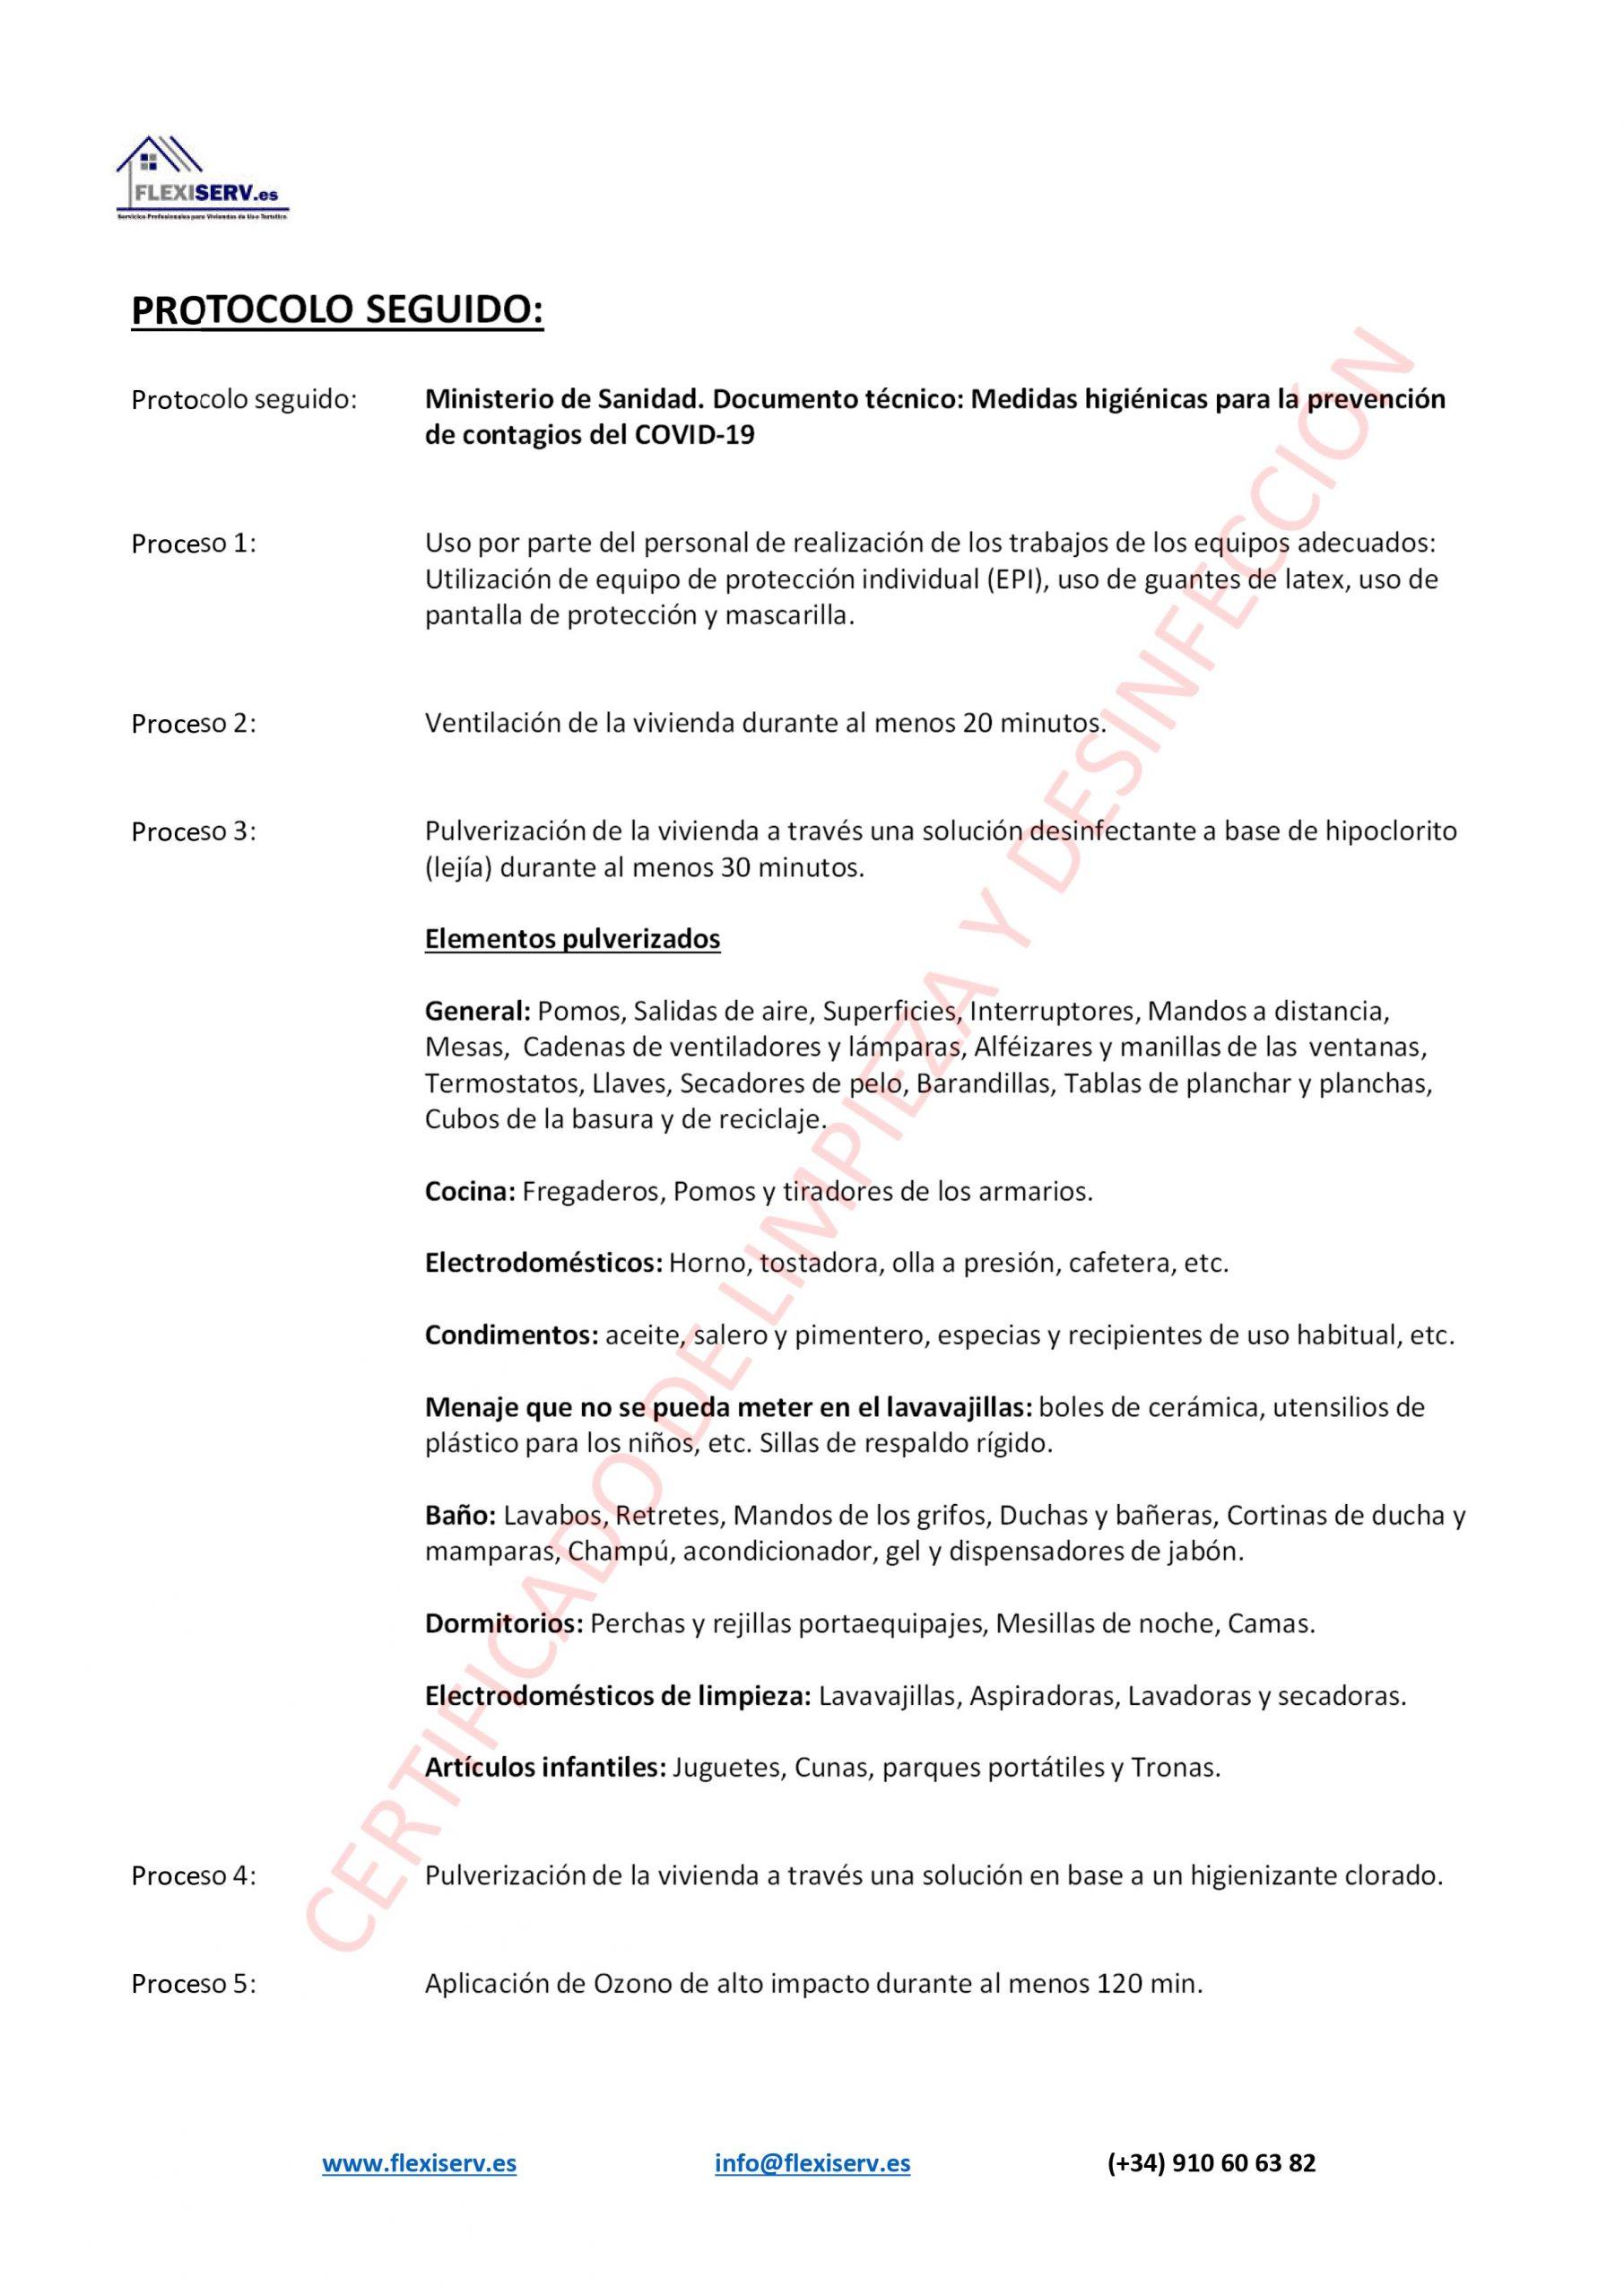 Certificado de limpienza y desinfección de apartamentos turísticos COVID19 Coronavirus